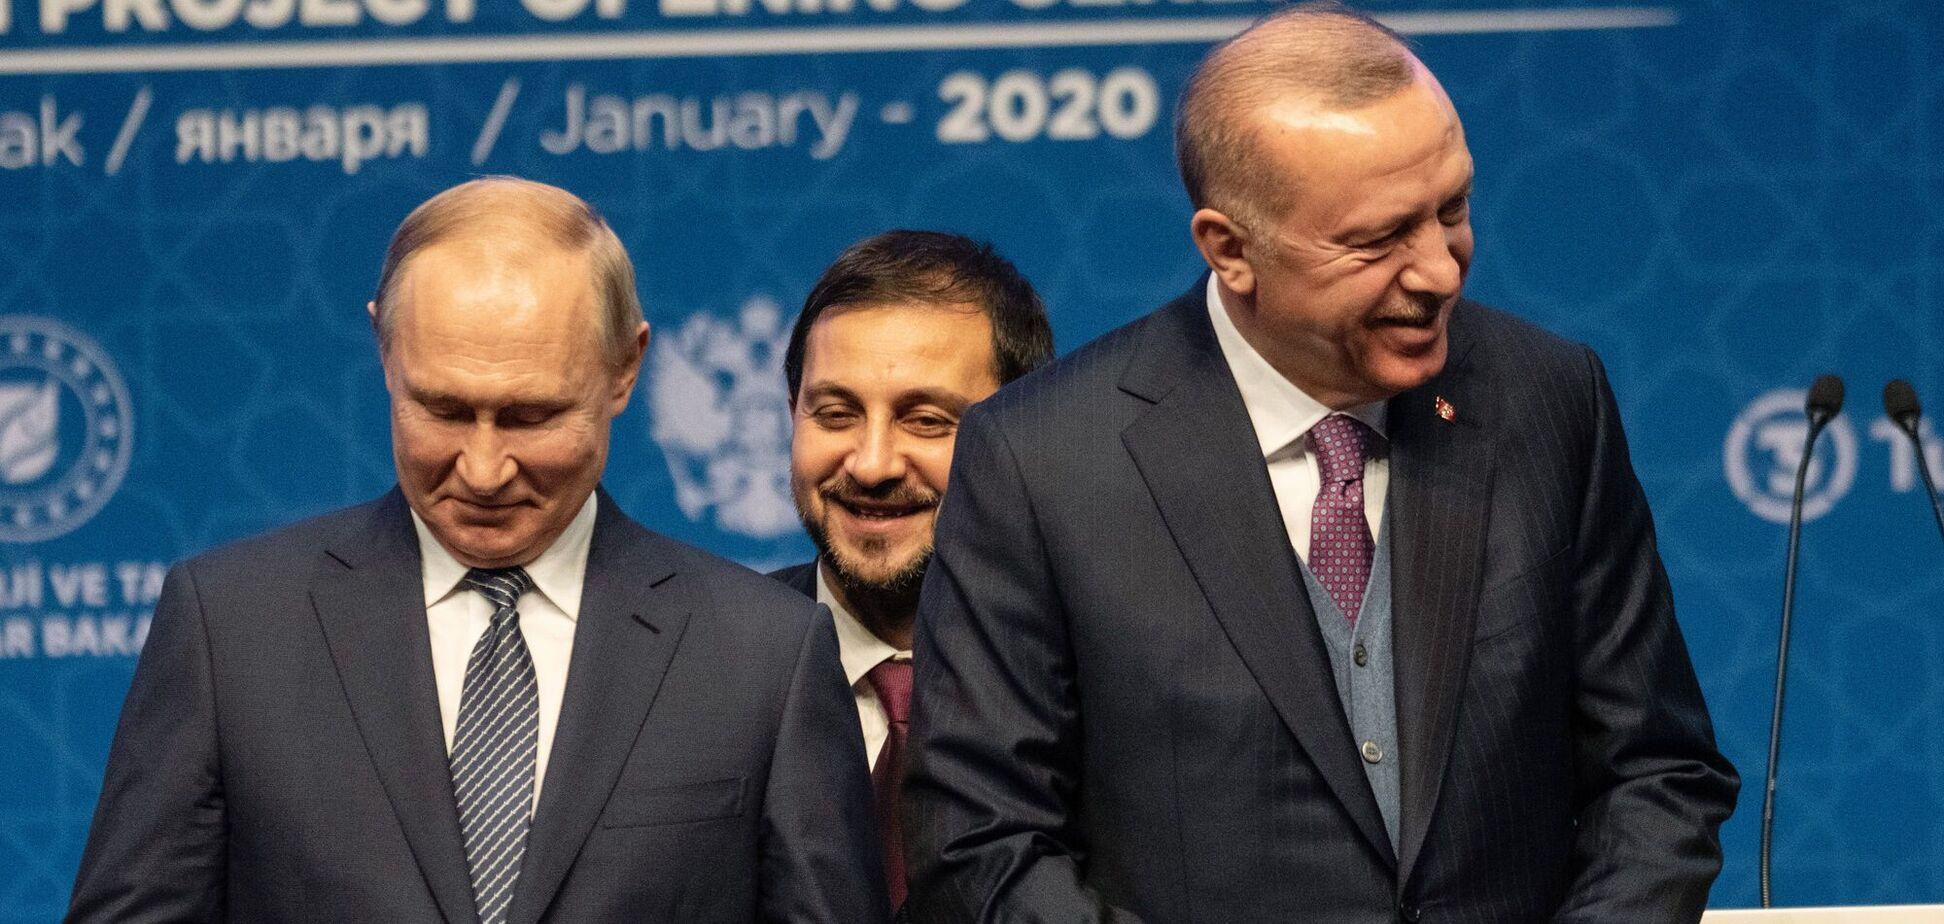 Владимир Путин и Реджеп Эрдоган на открытии проекта газопровода Turkstream 8 января 2020 года в Стамбуле